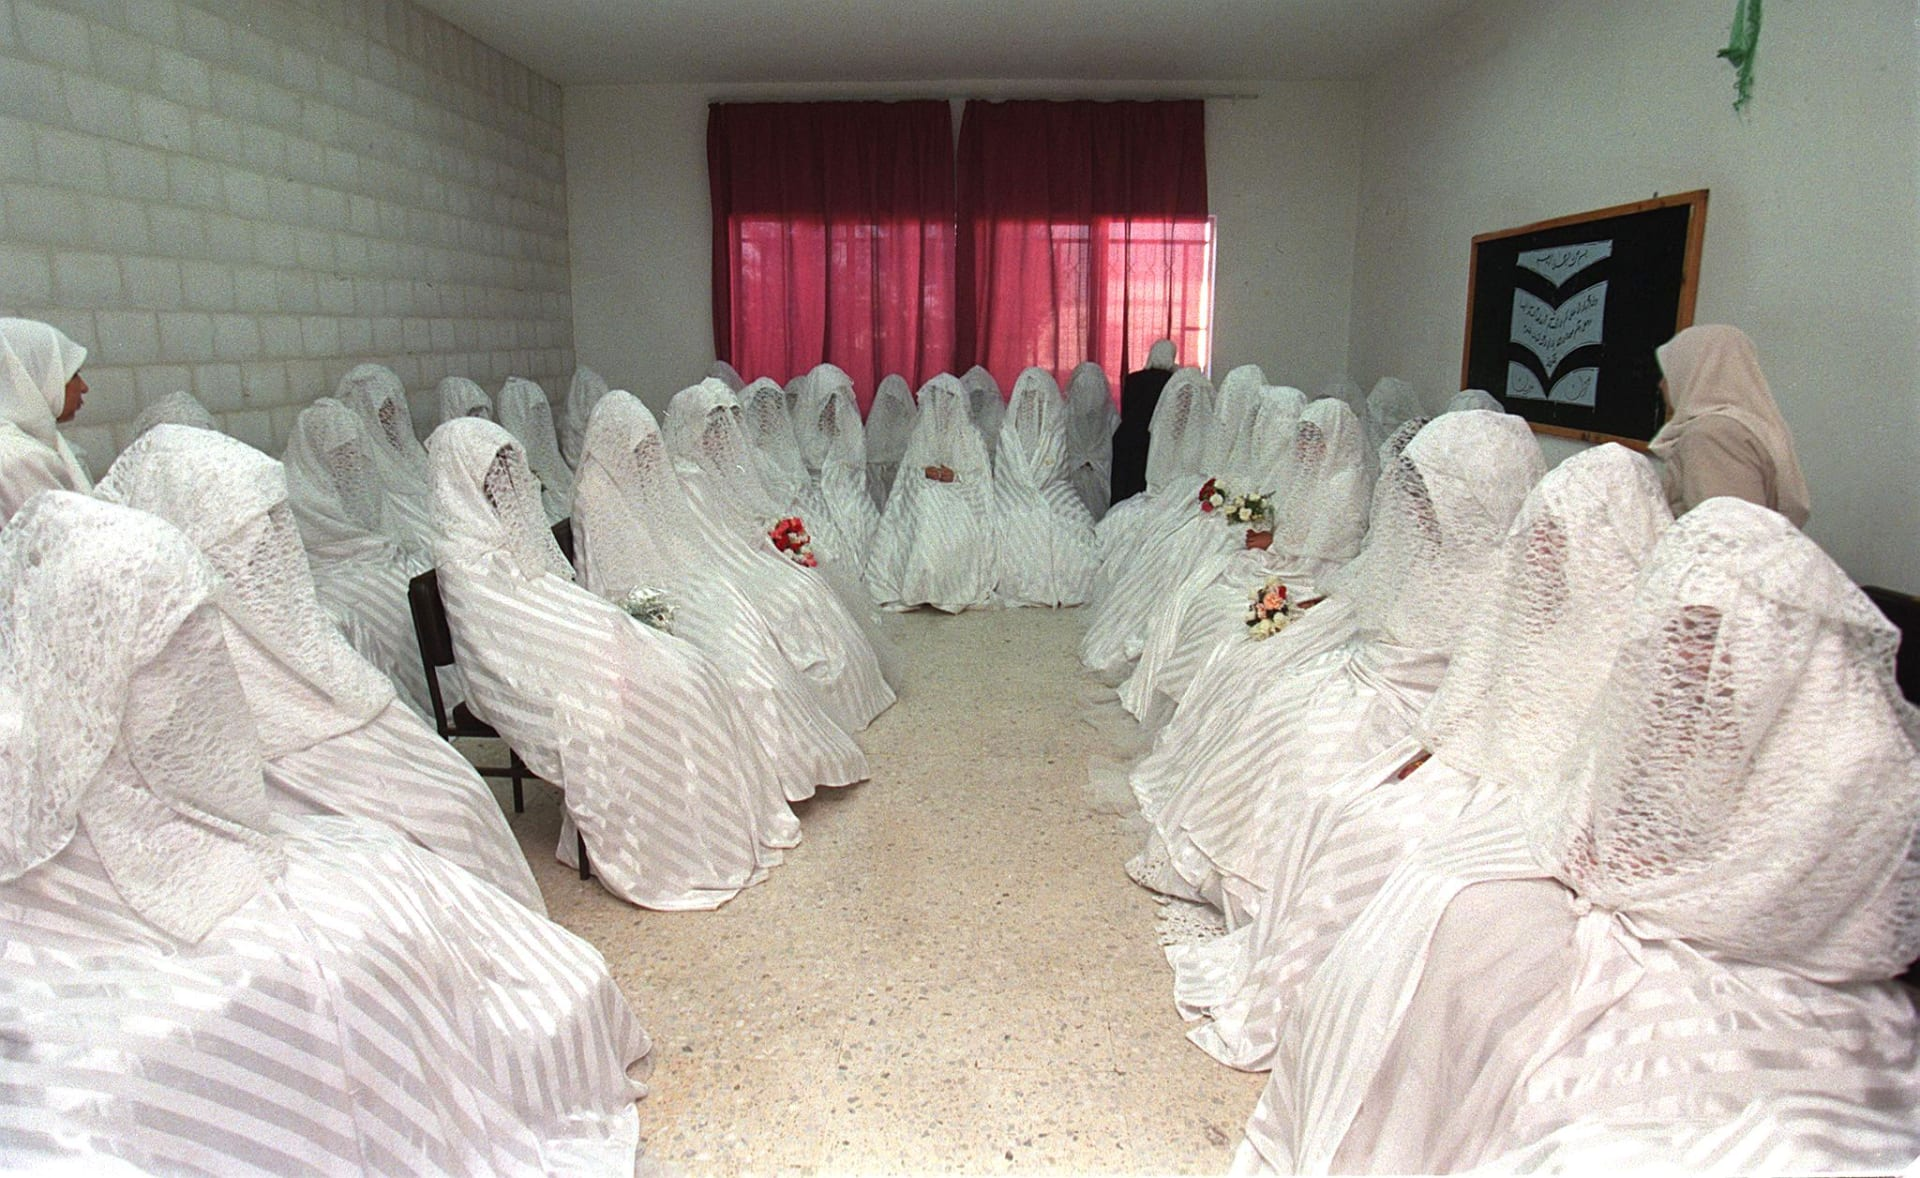 صورة أرشيفية من حفل زواج جماعي في الأردن